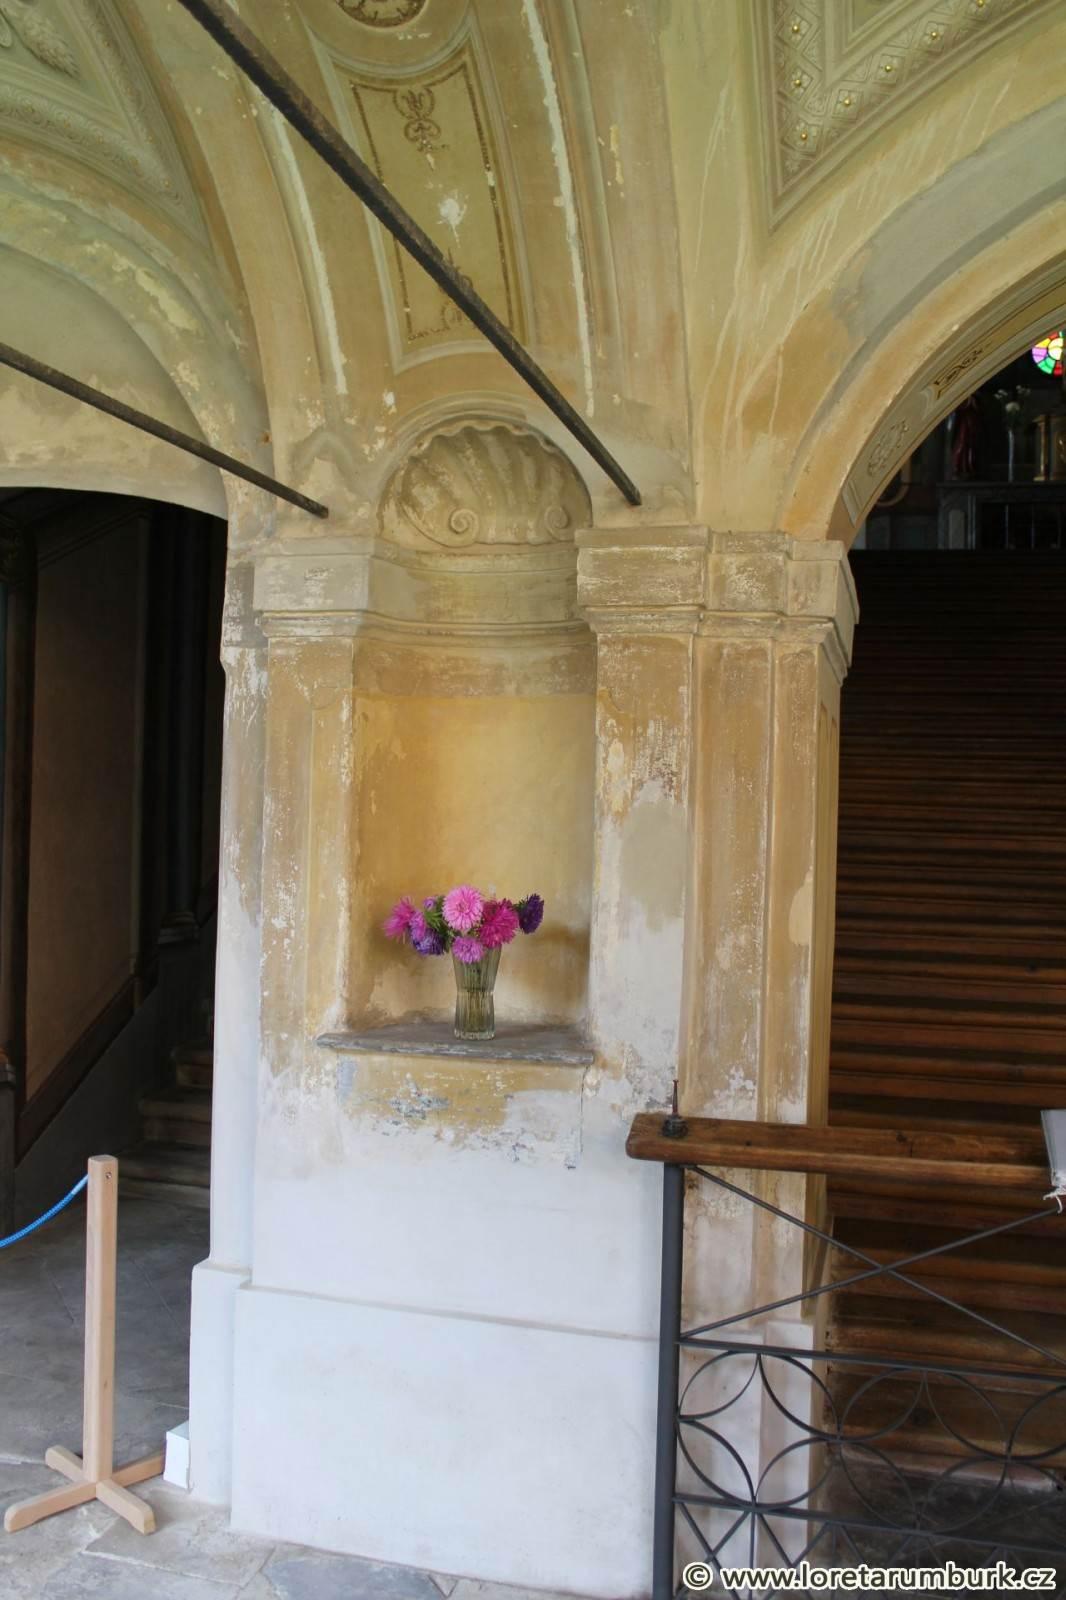 4, Loreta Rumburk, dekoratiovní výmalba, před restaurováním, foto Klára Mágrová, 27 9 2013